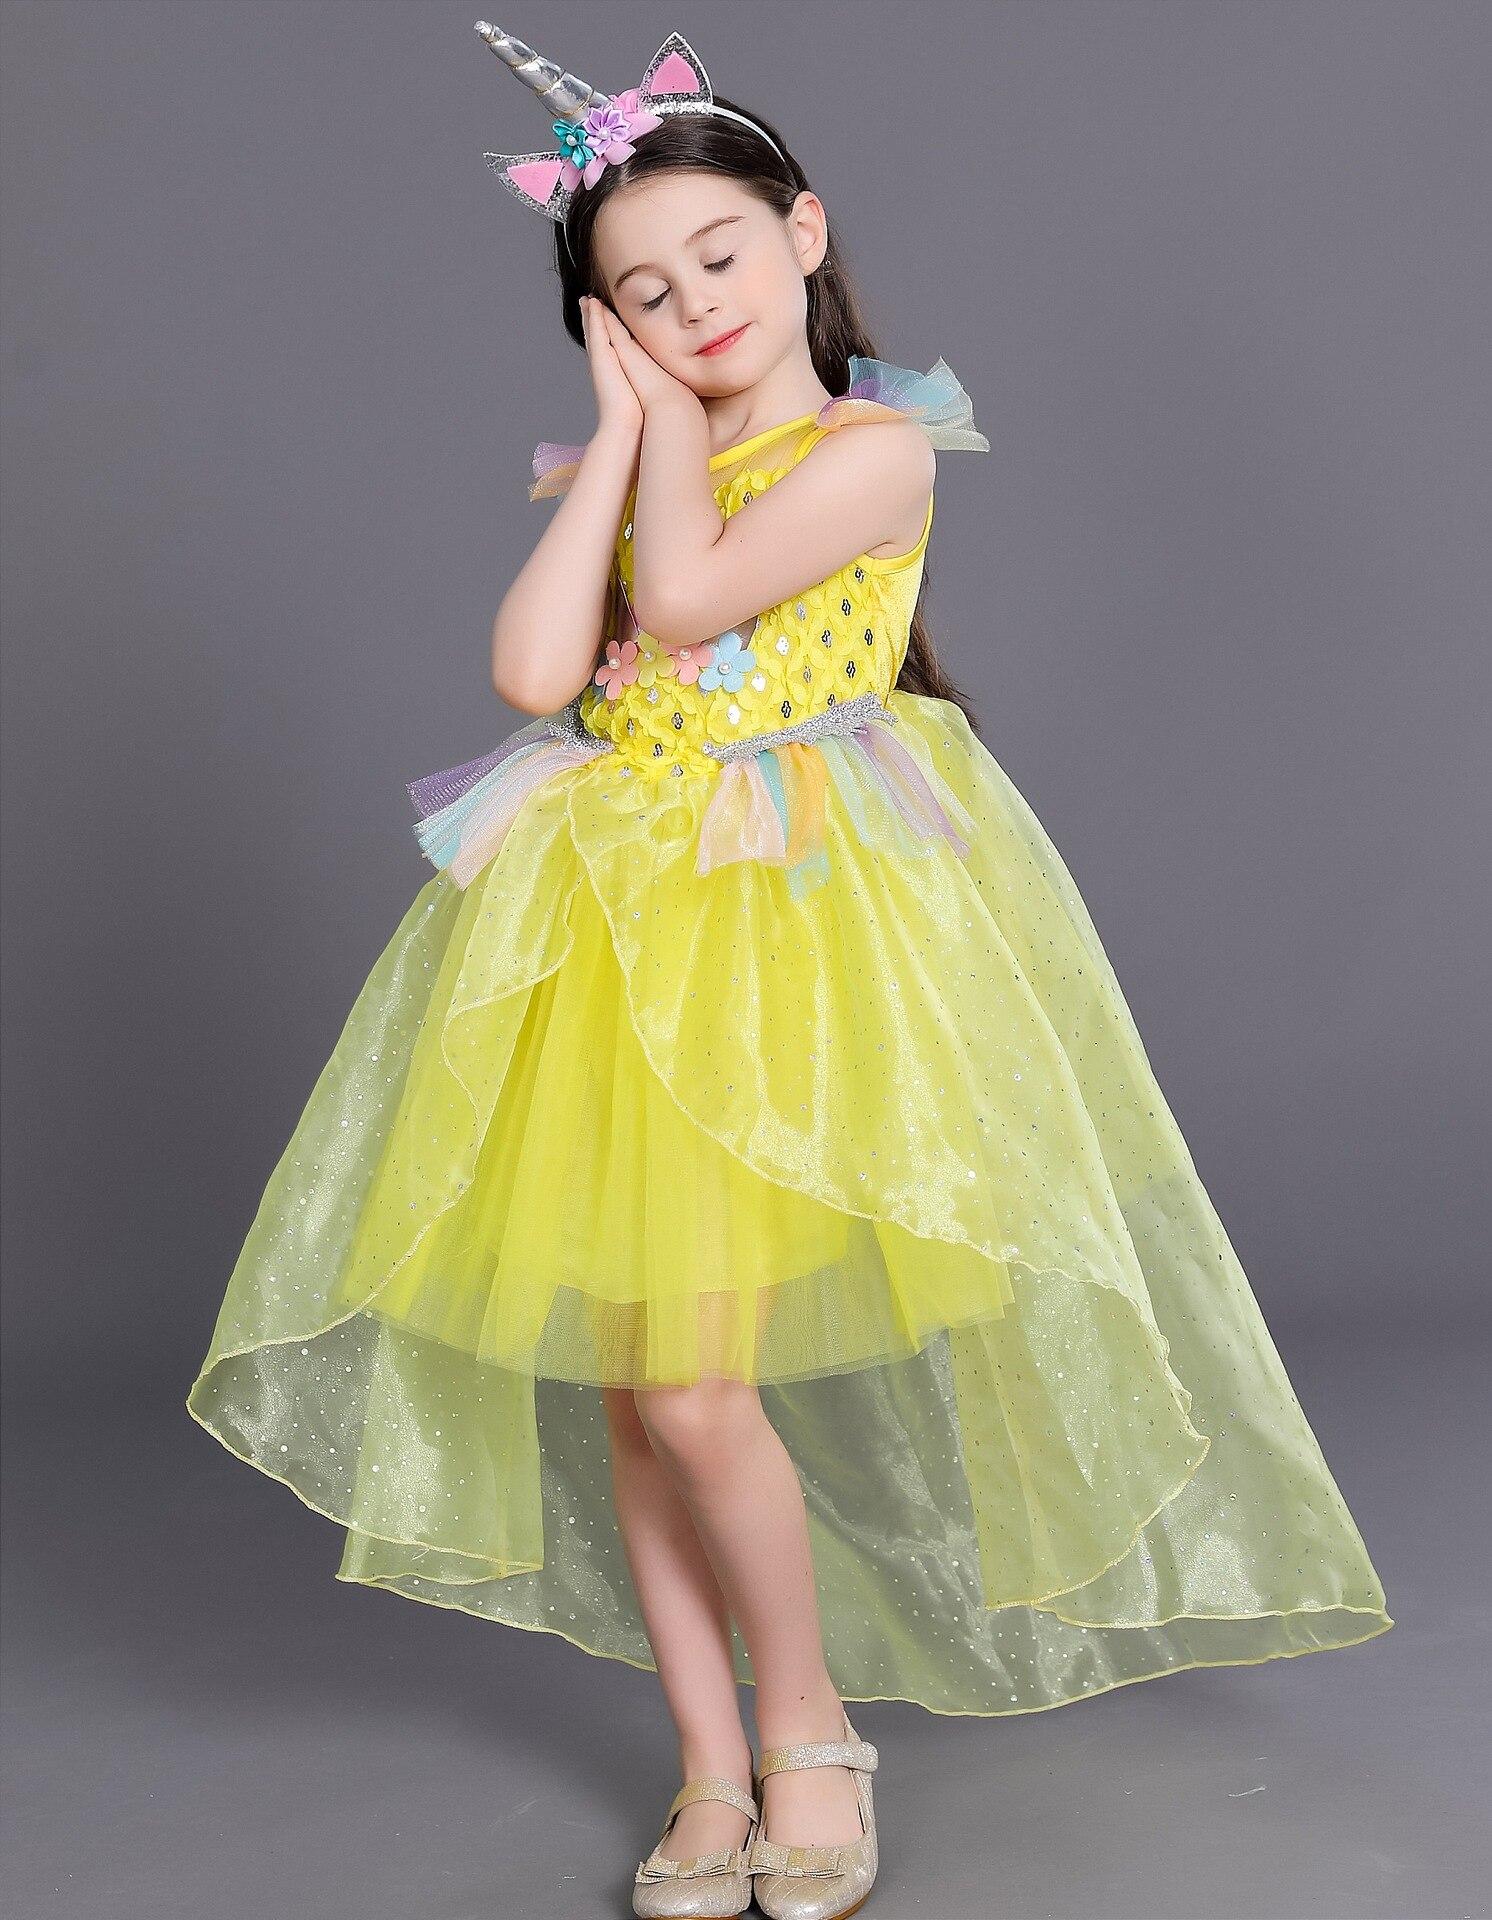 Mädchen Einhorn Prinzessin Kostüm Regenbogen Kleid ...